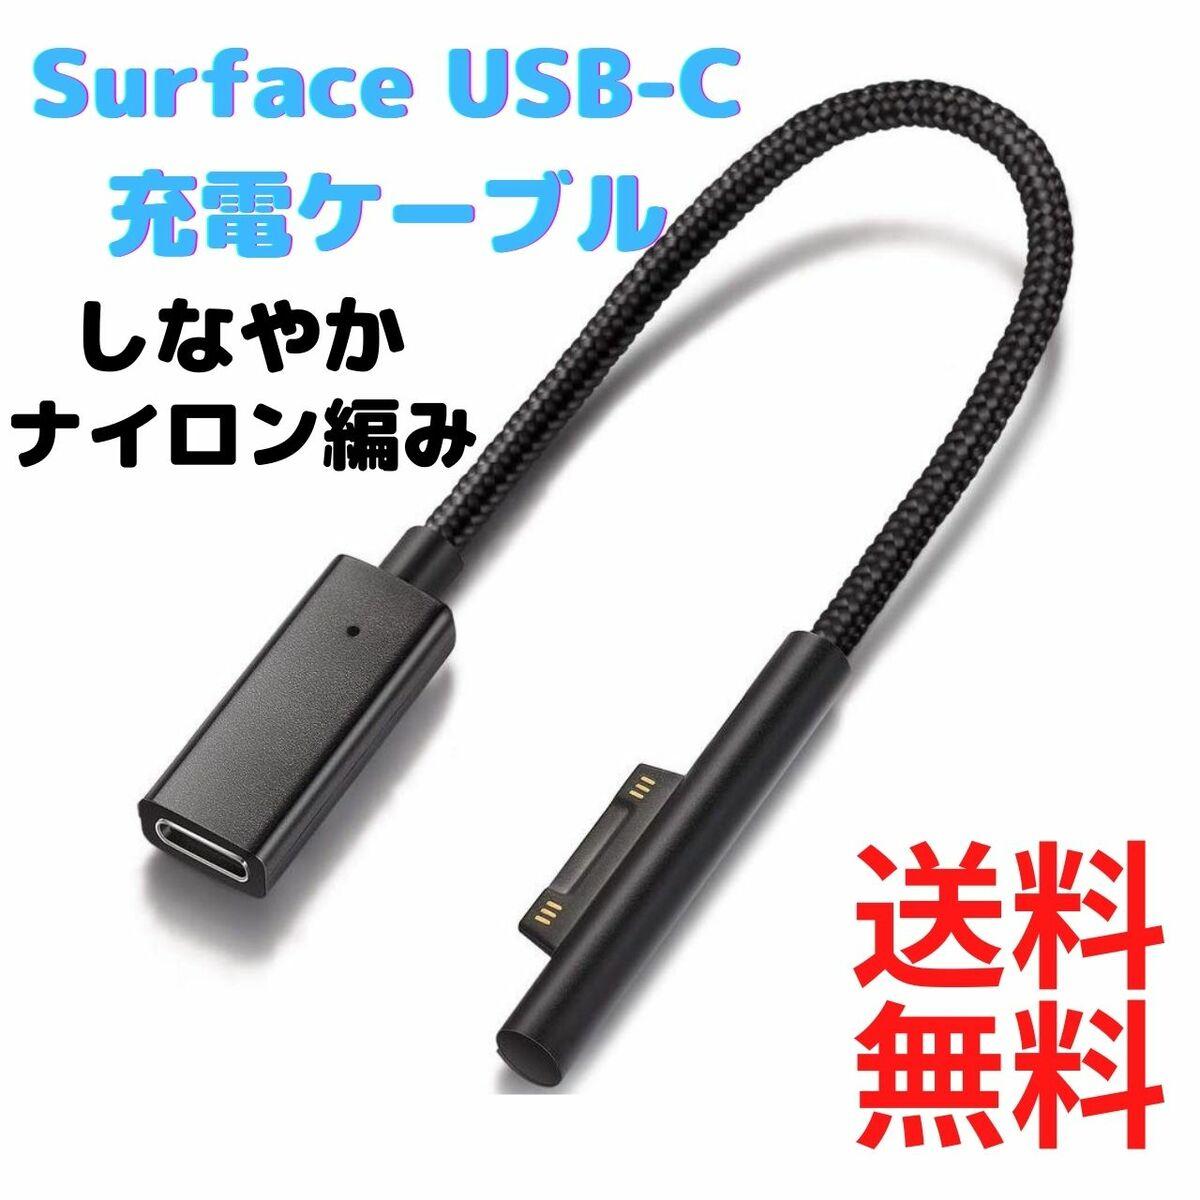 料無料!急速充電対応 USB-C to Surface コネクタ ケーブル Surface USB-C 急速充電ケーブル(0.2m) 45w15v以上のPD充電器が必要 Connect to TYPE-C 15VPD充電に対応 しなやか ナイロン編み